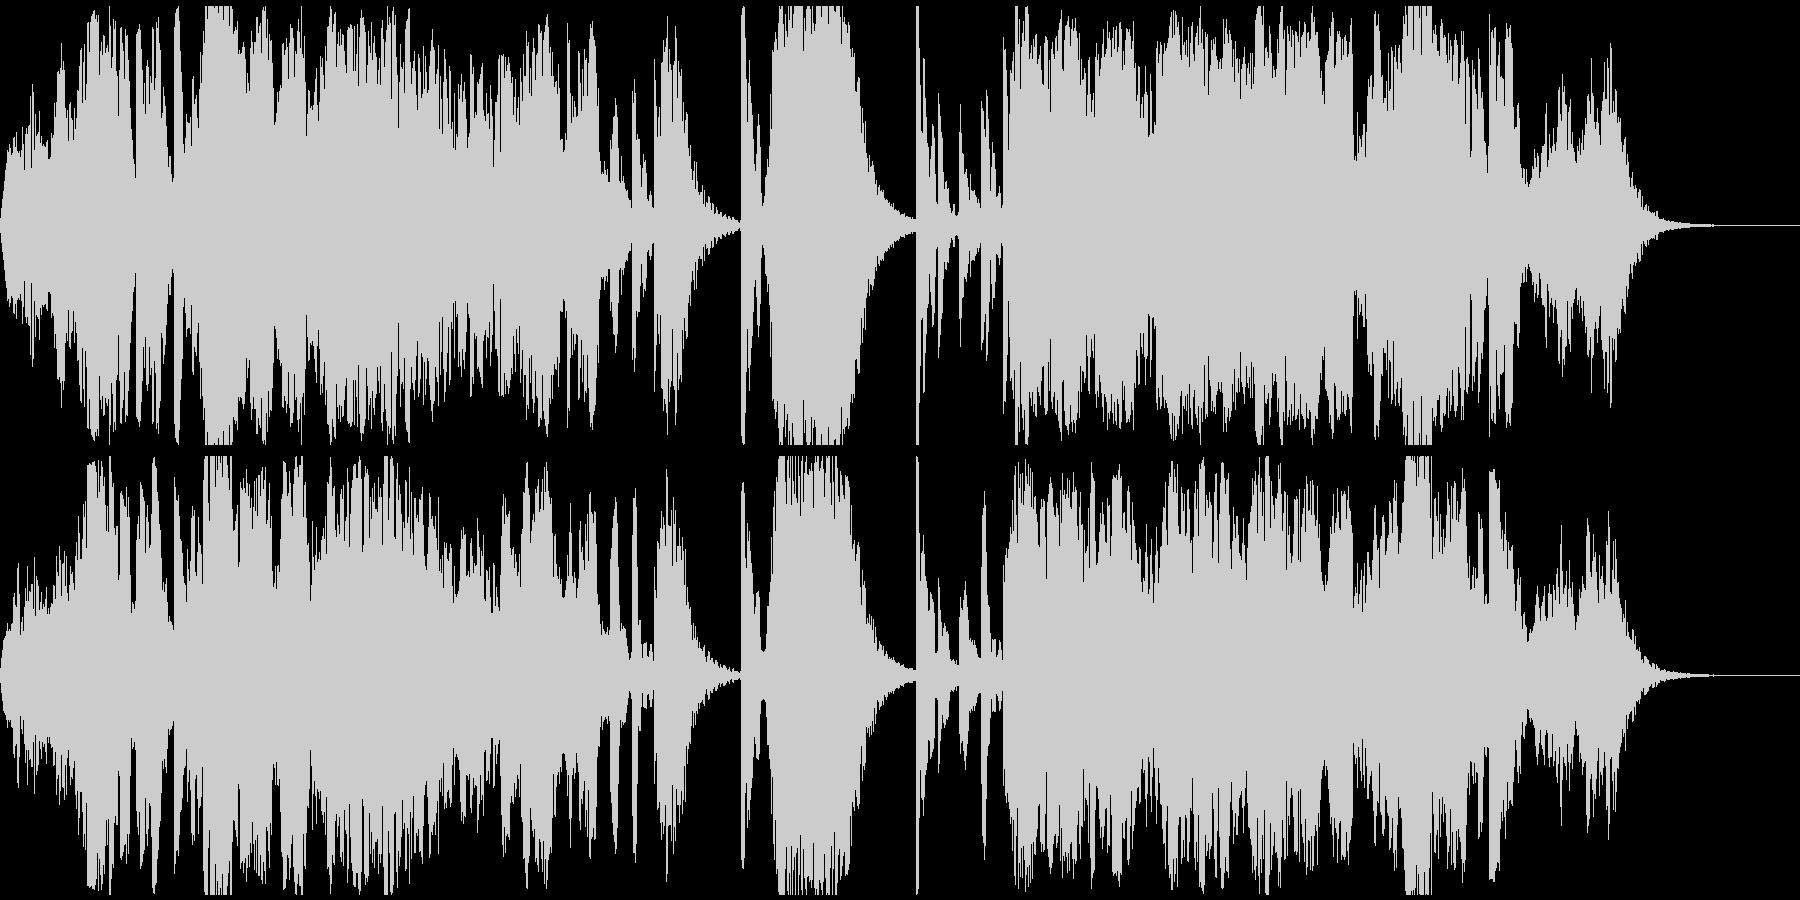 アジア的なヒーリング音楽(癒し,回想)の未再生の波形